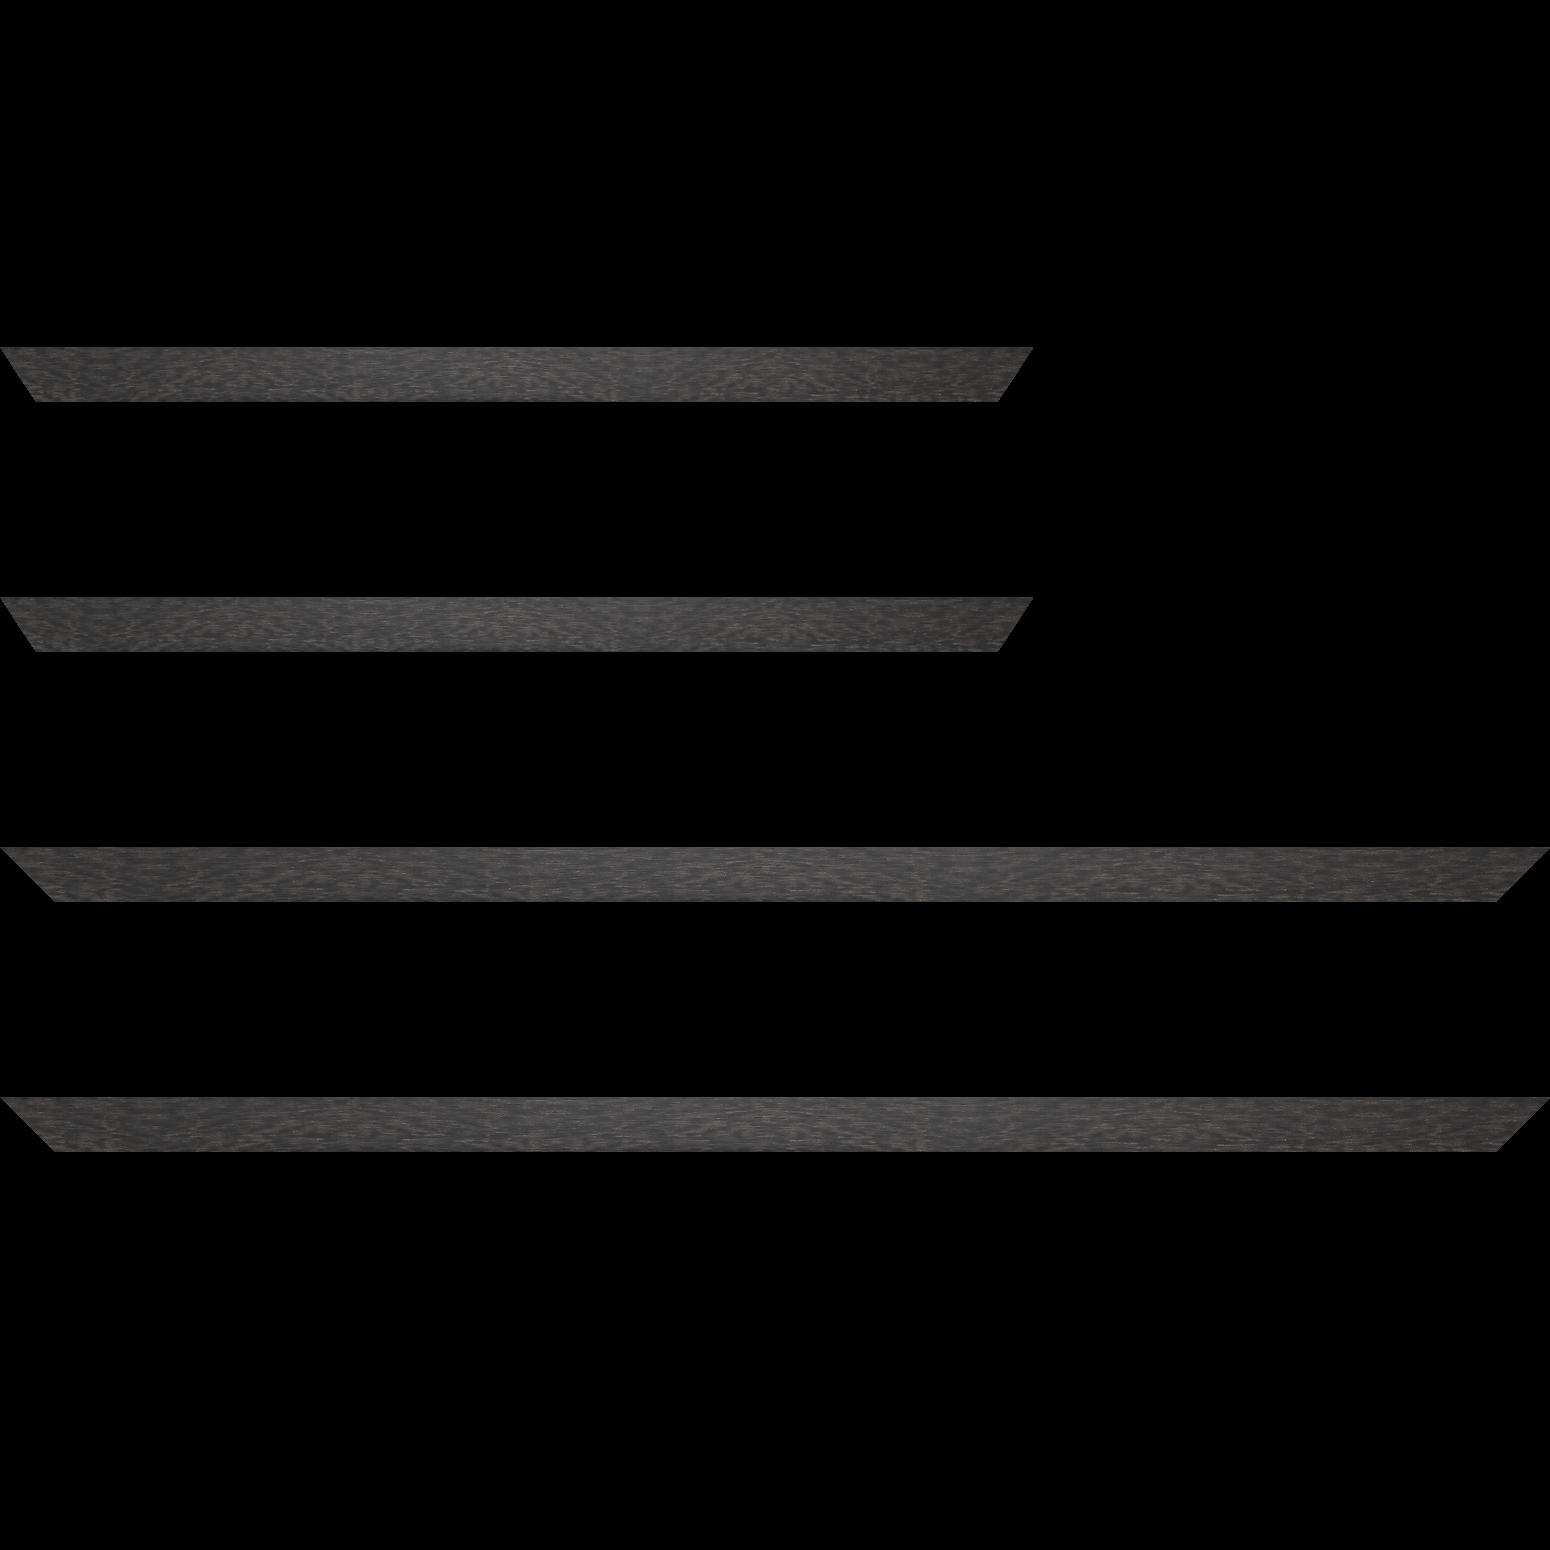 Baguette service précoupé Bois profil plat effet cube largeur 2cm couleur ton bois anthracite